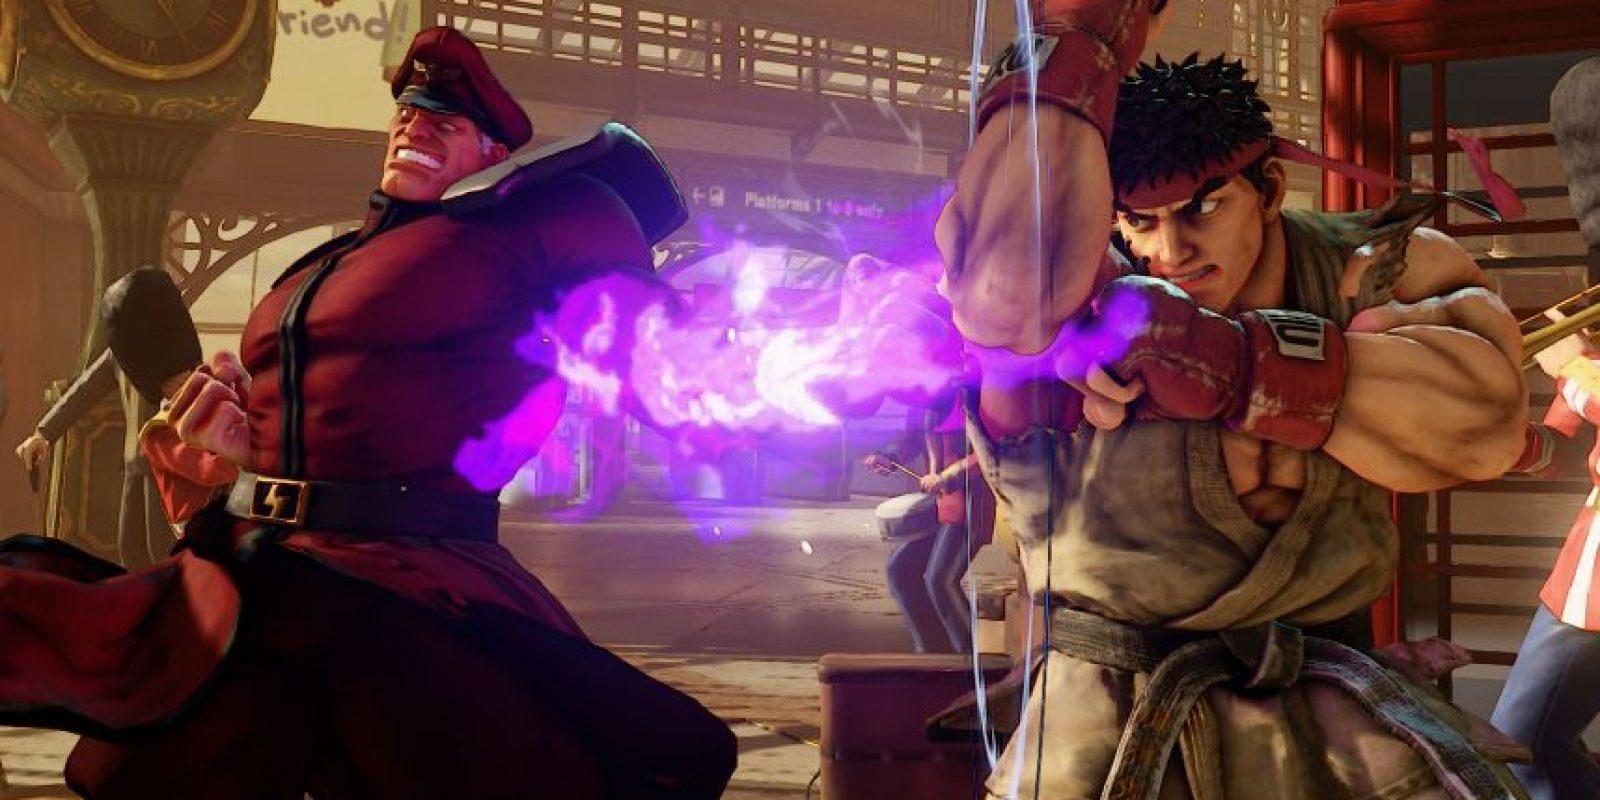 M. Bison y Ryu durante una batalla en el nuevo Street Fighter V. Foto:streetfighter.com